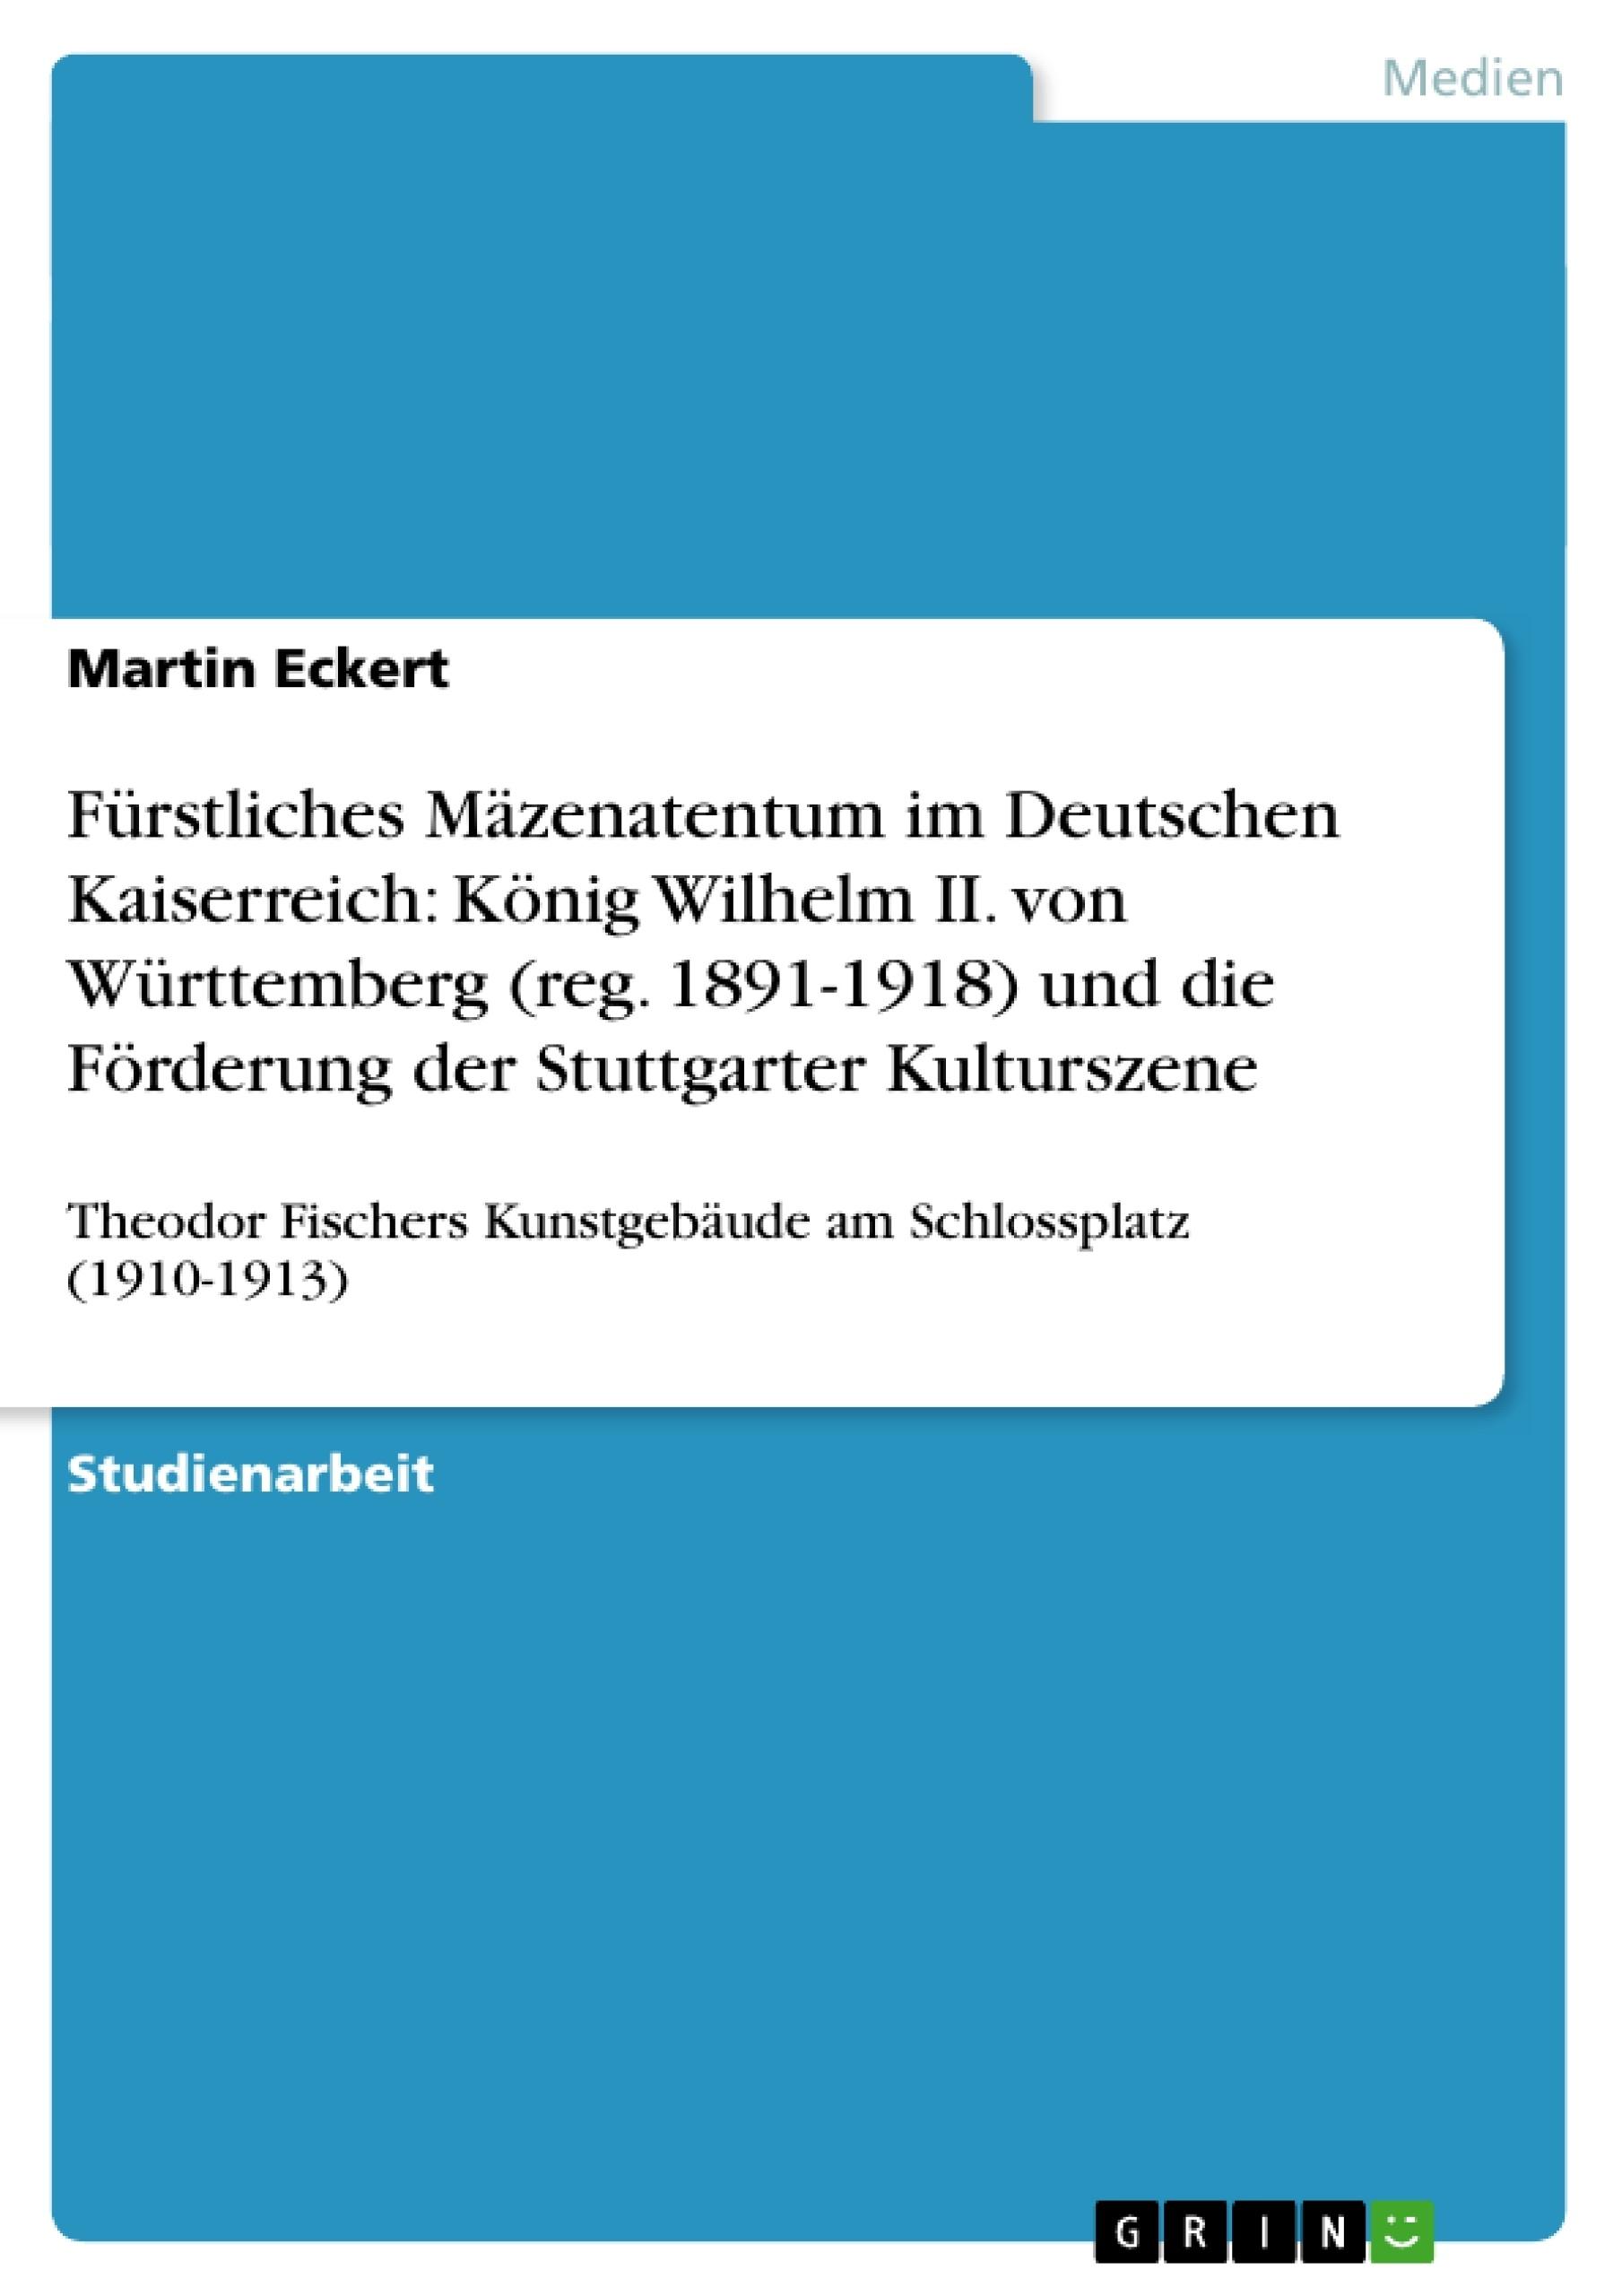 Titel: Fürstliches Mäzenatentum im Deutschen Kaiserreich: König Wilhelm II. von Württemberg (reg. 1891-1918) und die Förderung der Stuttgarter Kulturszene